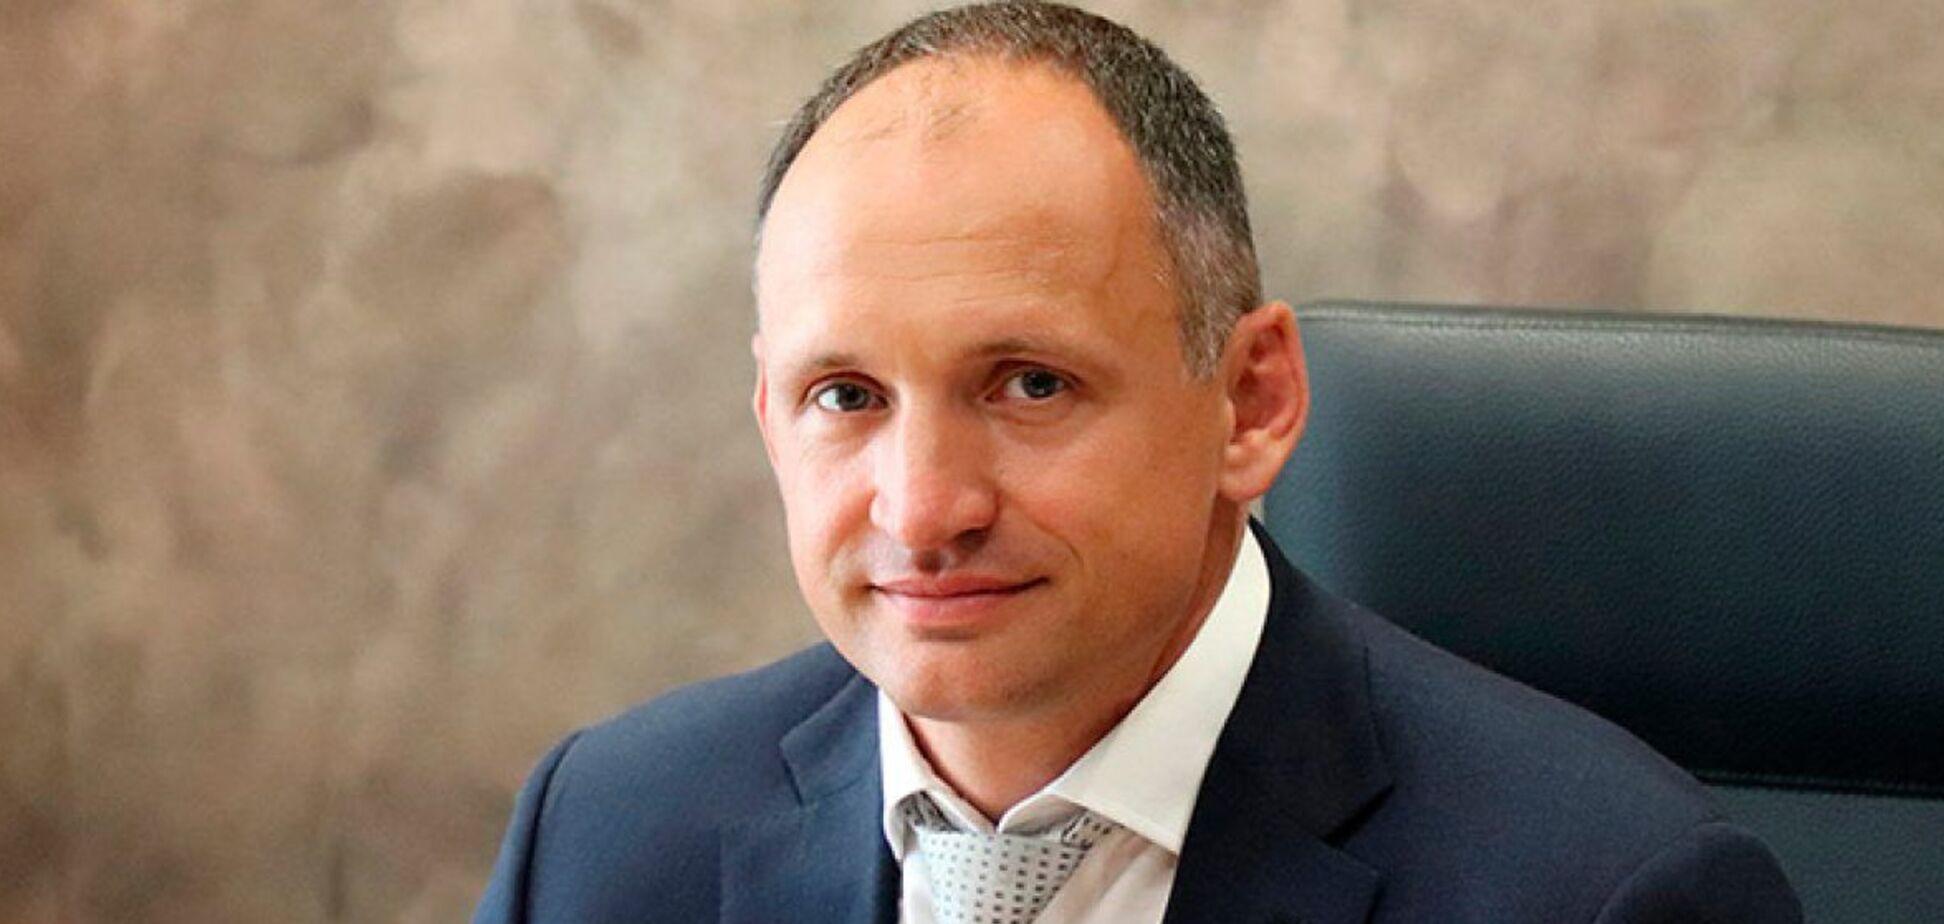 Олег Тататров получал субсидии на коммуналку, имея многомиллионные доходы. Источник: Громадське